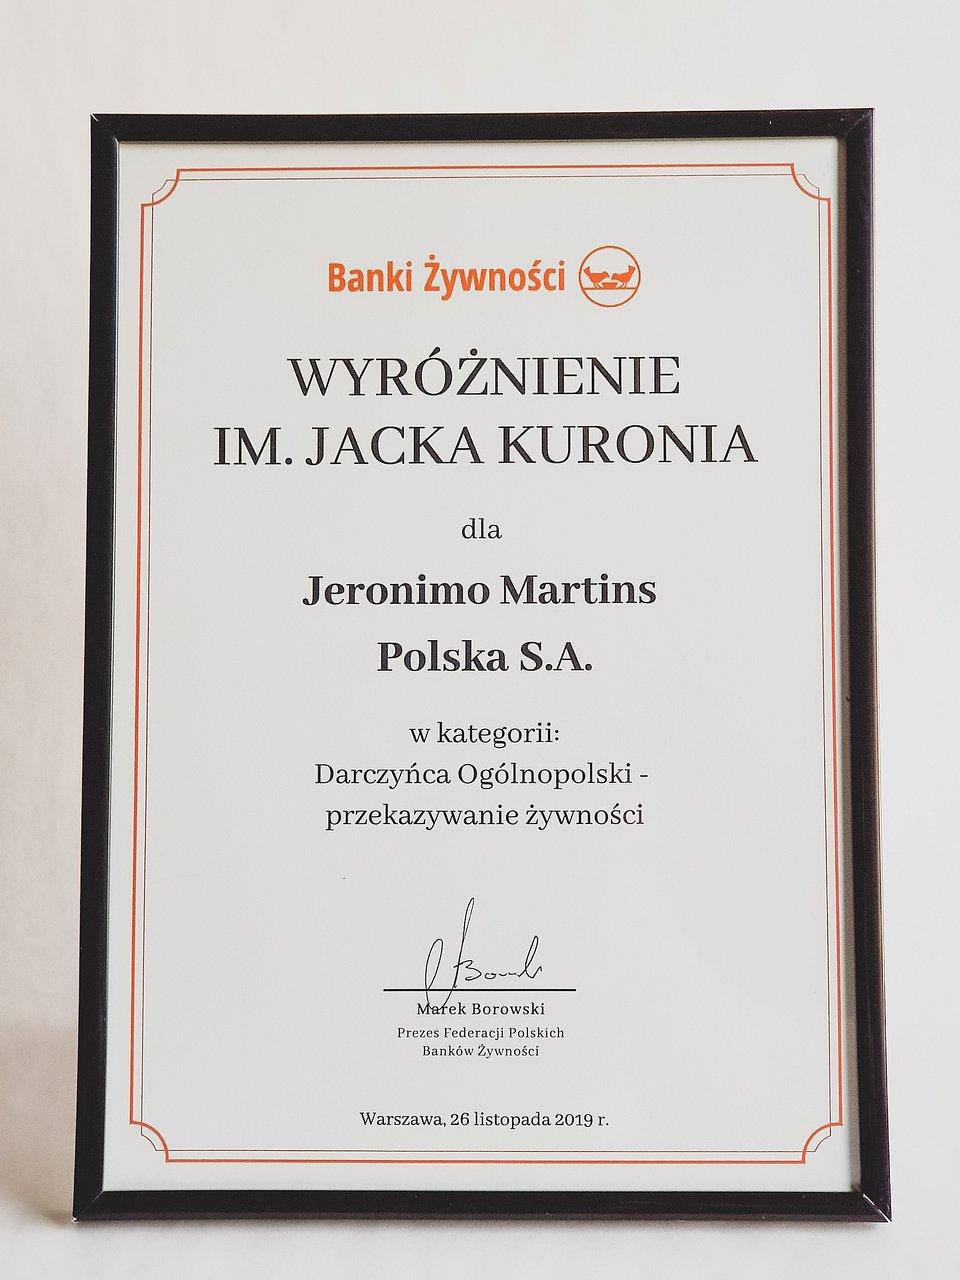 Wyróżnienie_Banki Żywności_Biedronka.jpg